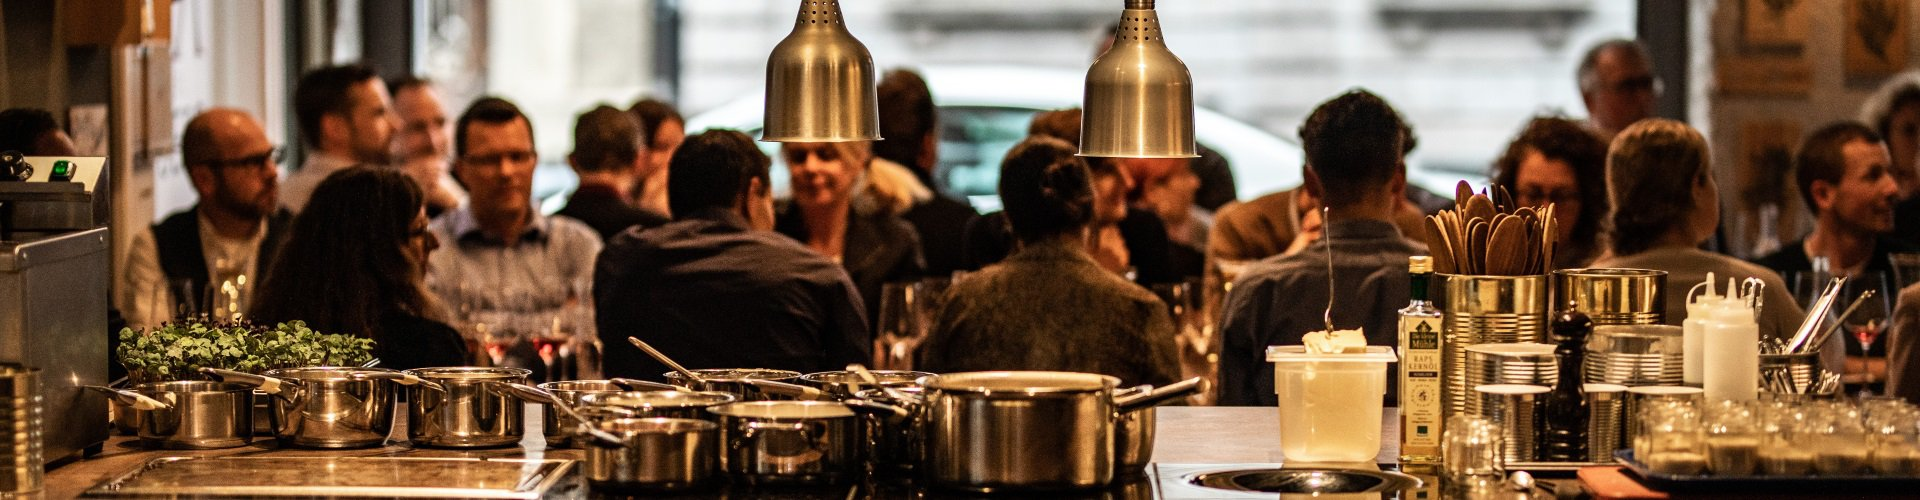 Chef_Sache_Eventseite_Header_Ribera_Del_Duero_Anlass